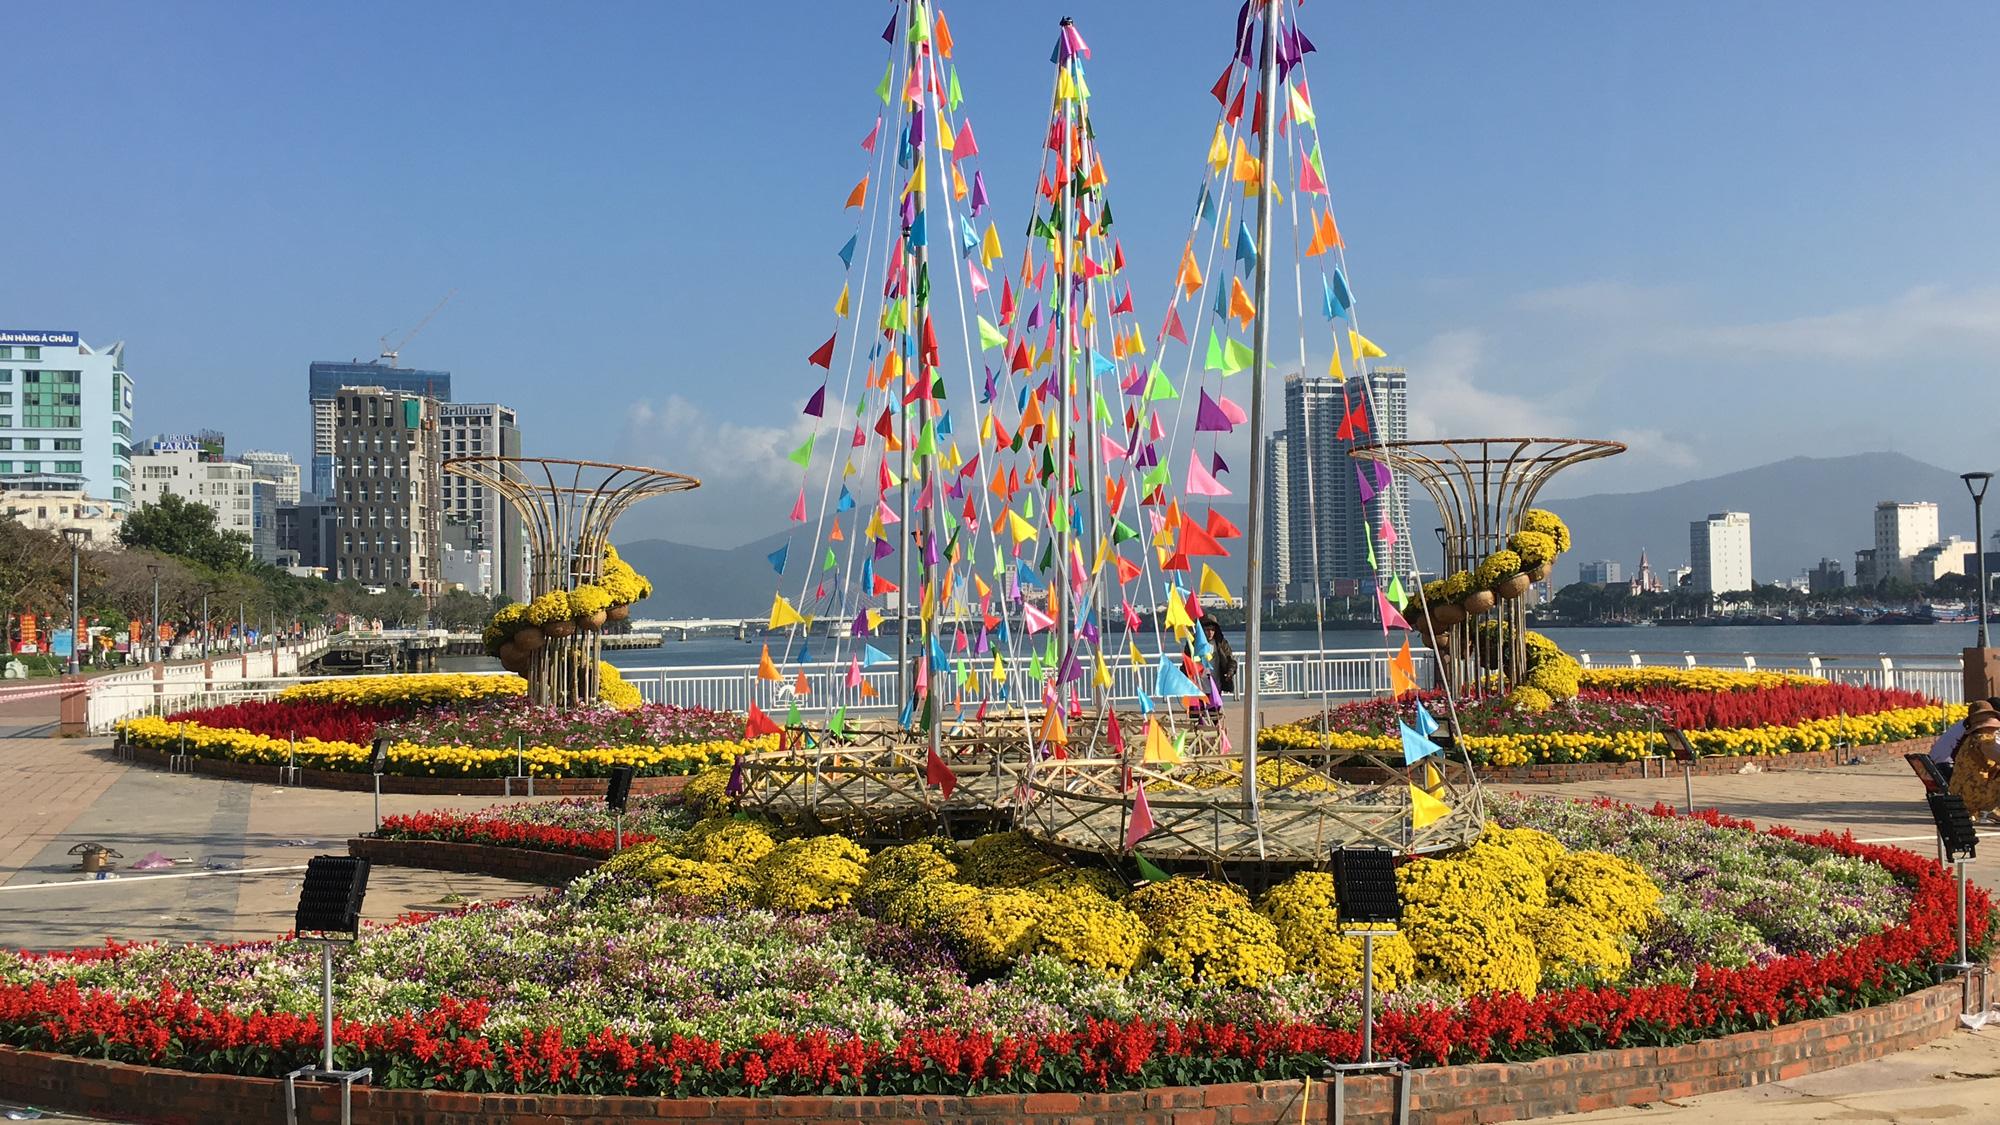 Hối hả thi công đường hoa Đà Nẵng để người dân tham quan, chơi Tết Canh Tý 2020 - Ảnh 9.